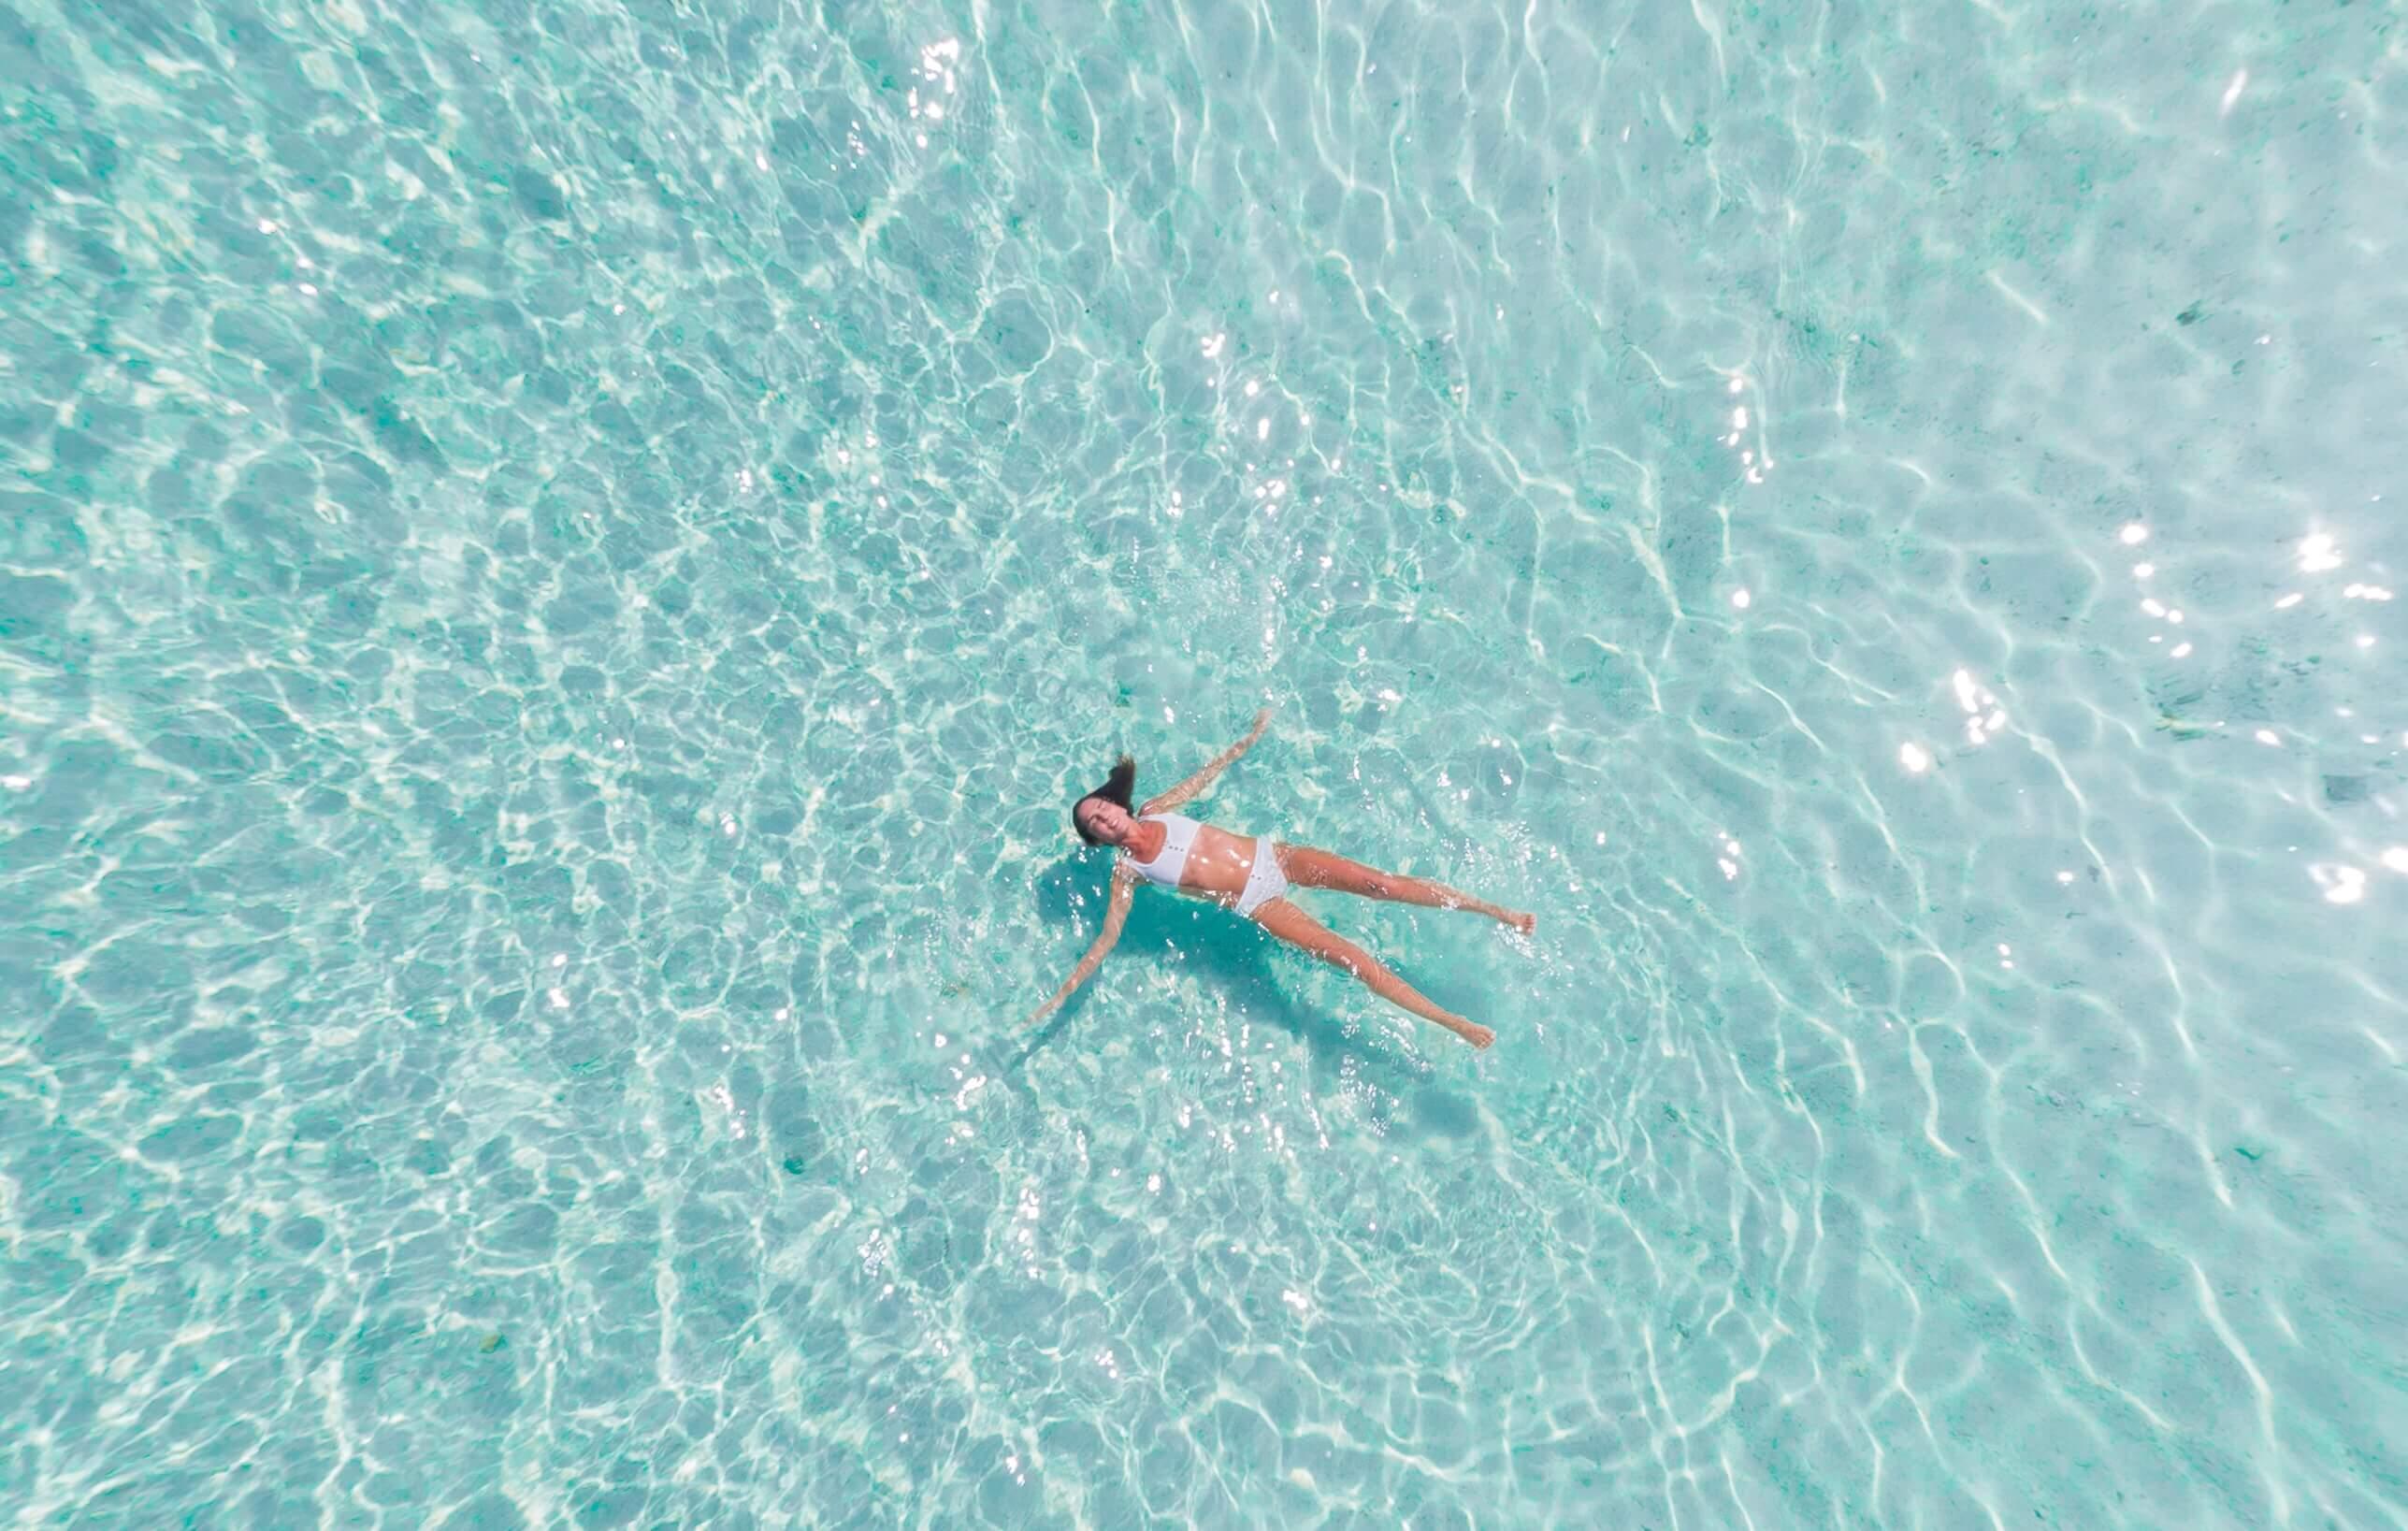 Schlafen wie auf Wasser - Schwebegefühl im Wasserbett